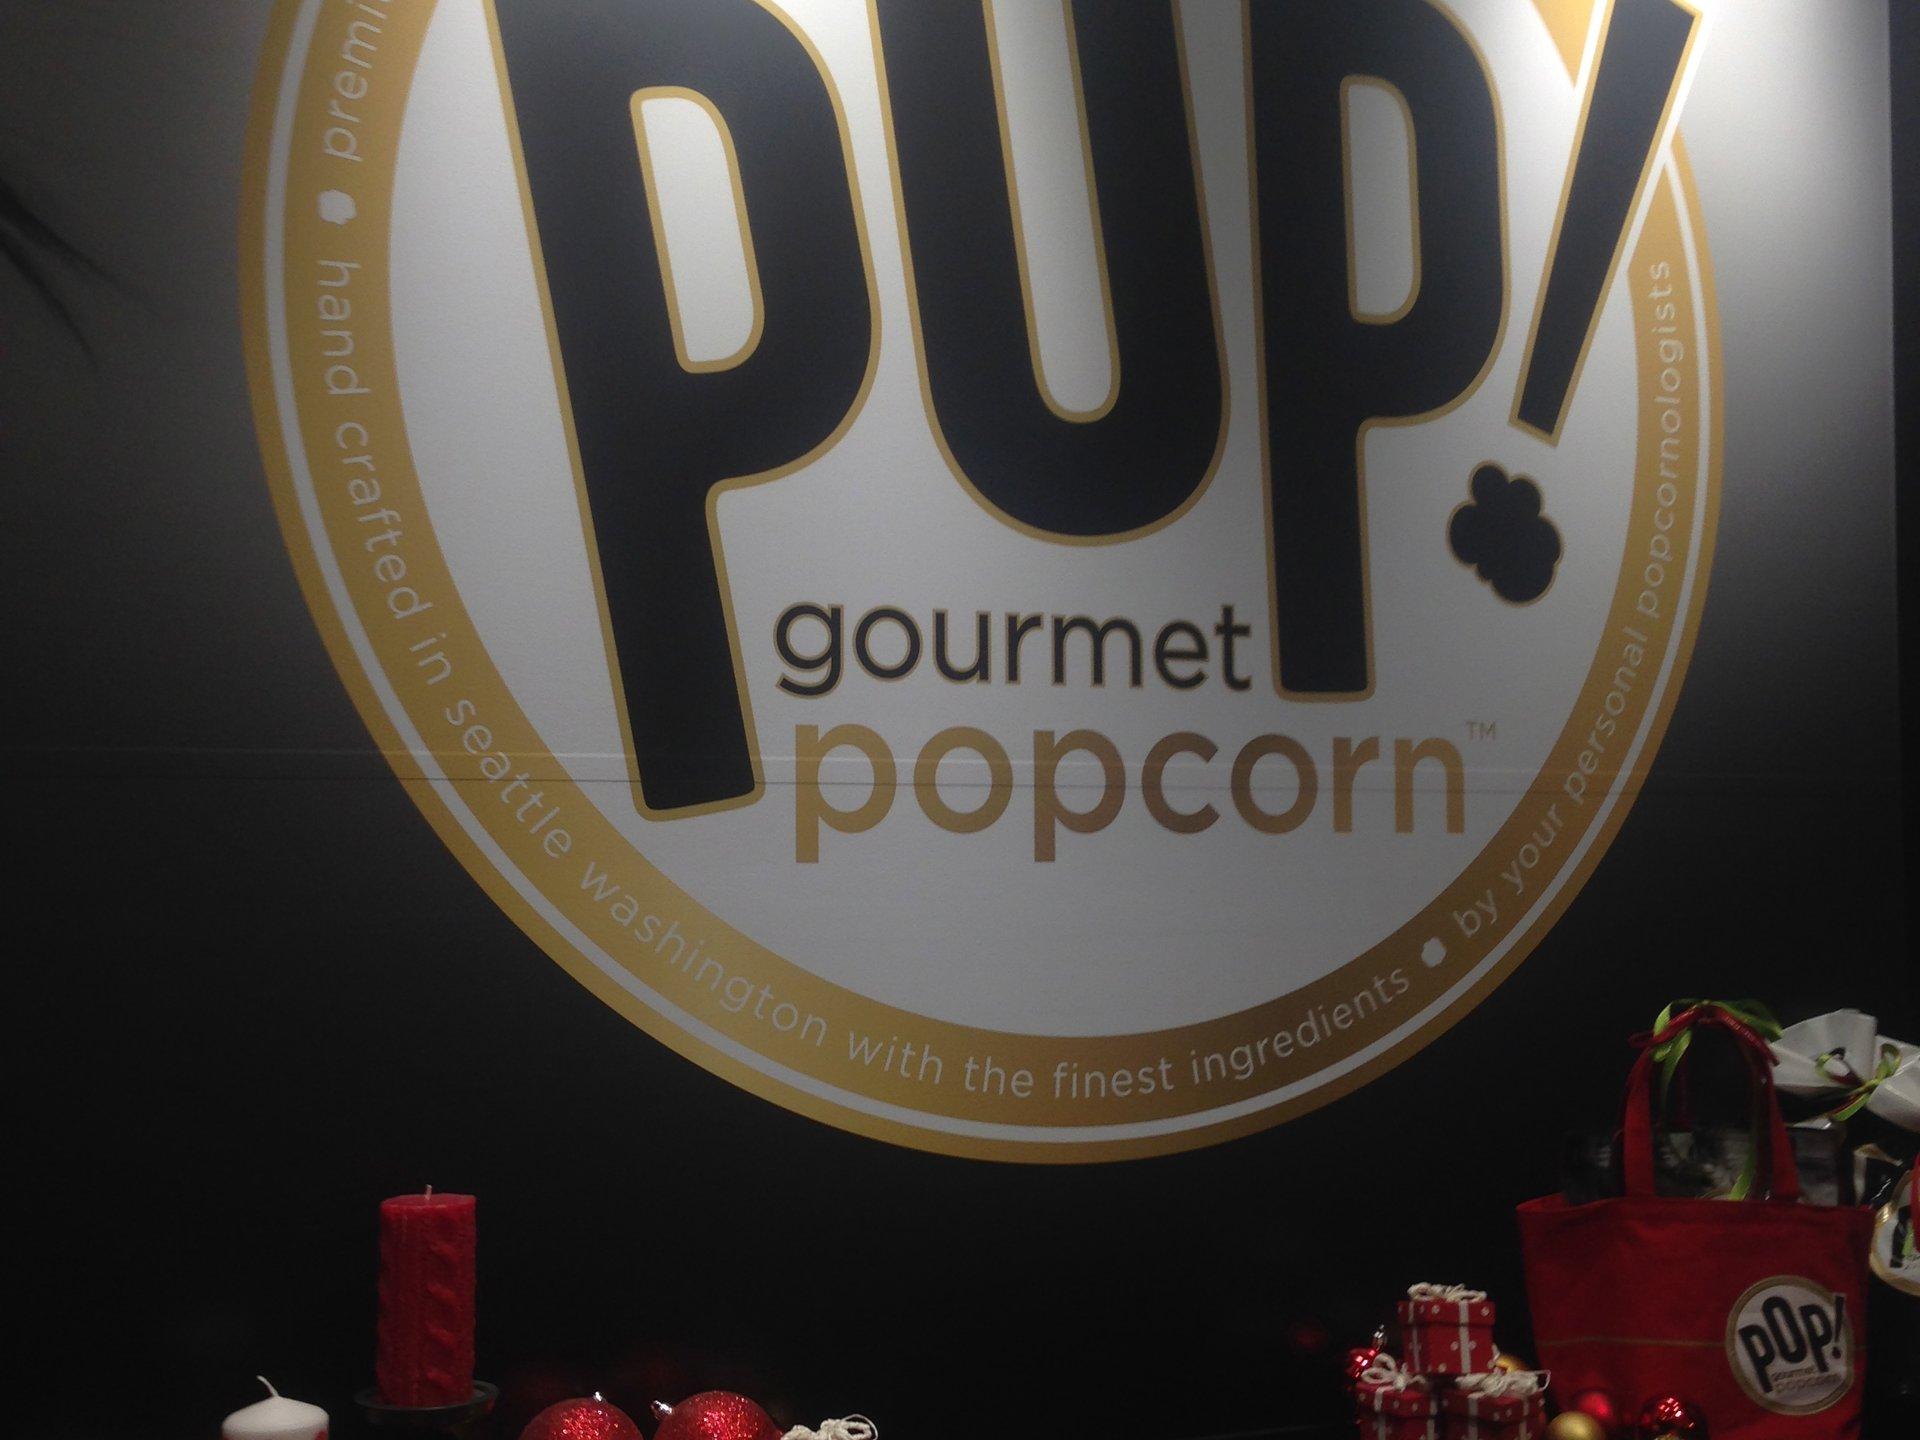 【表参道 クリスマスにもおすすめ!】POP!groumet popcornグルメポップコーン!